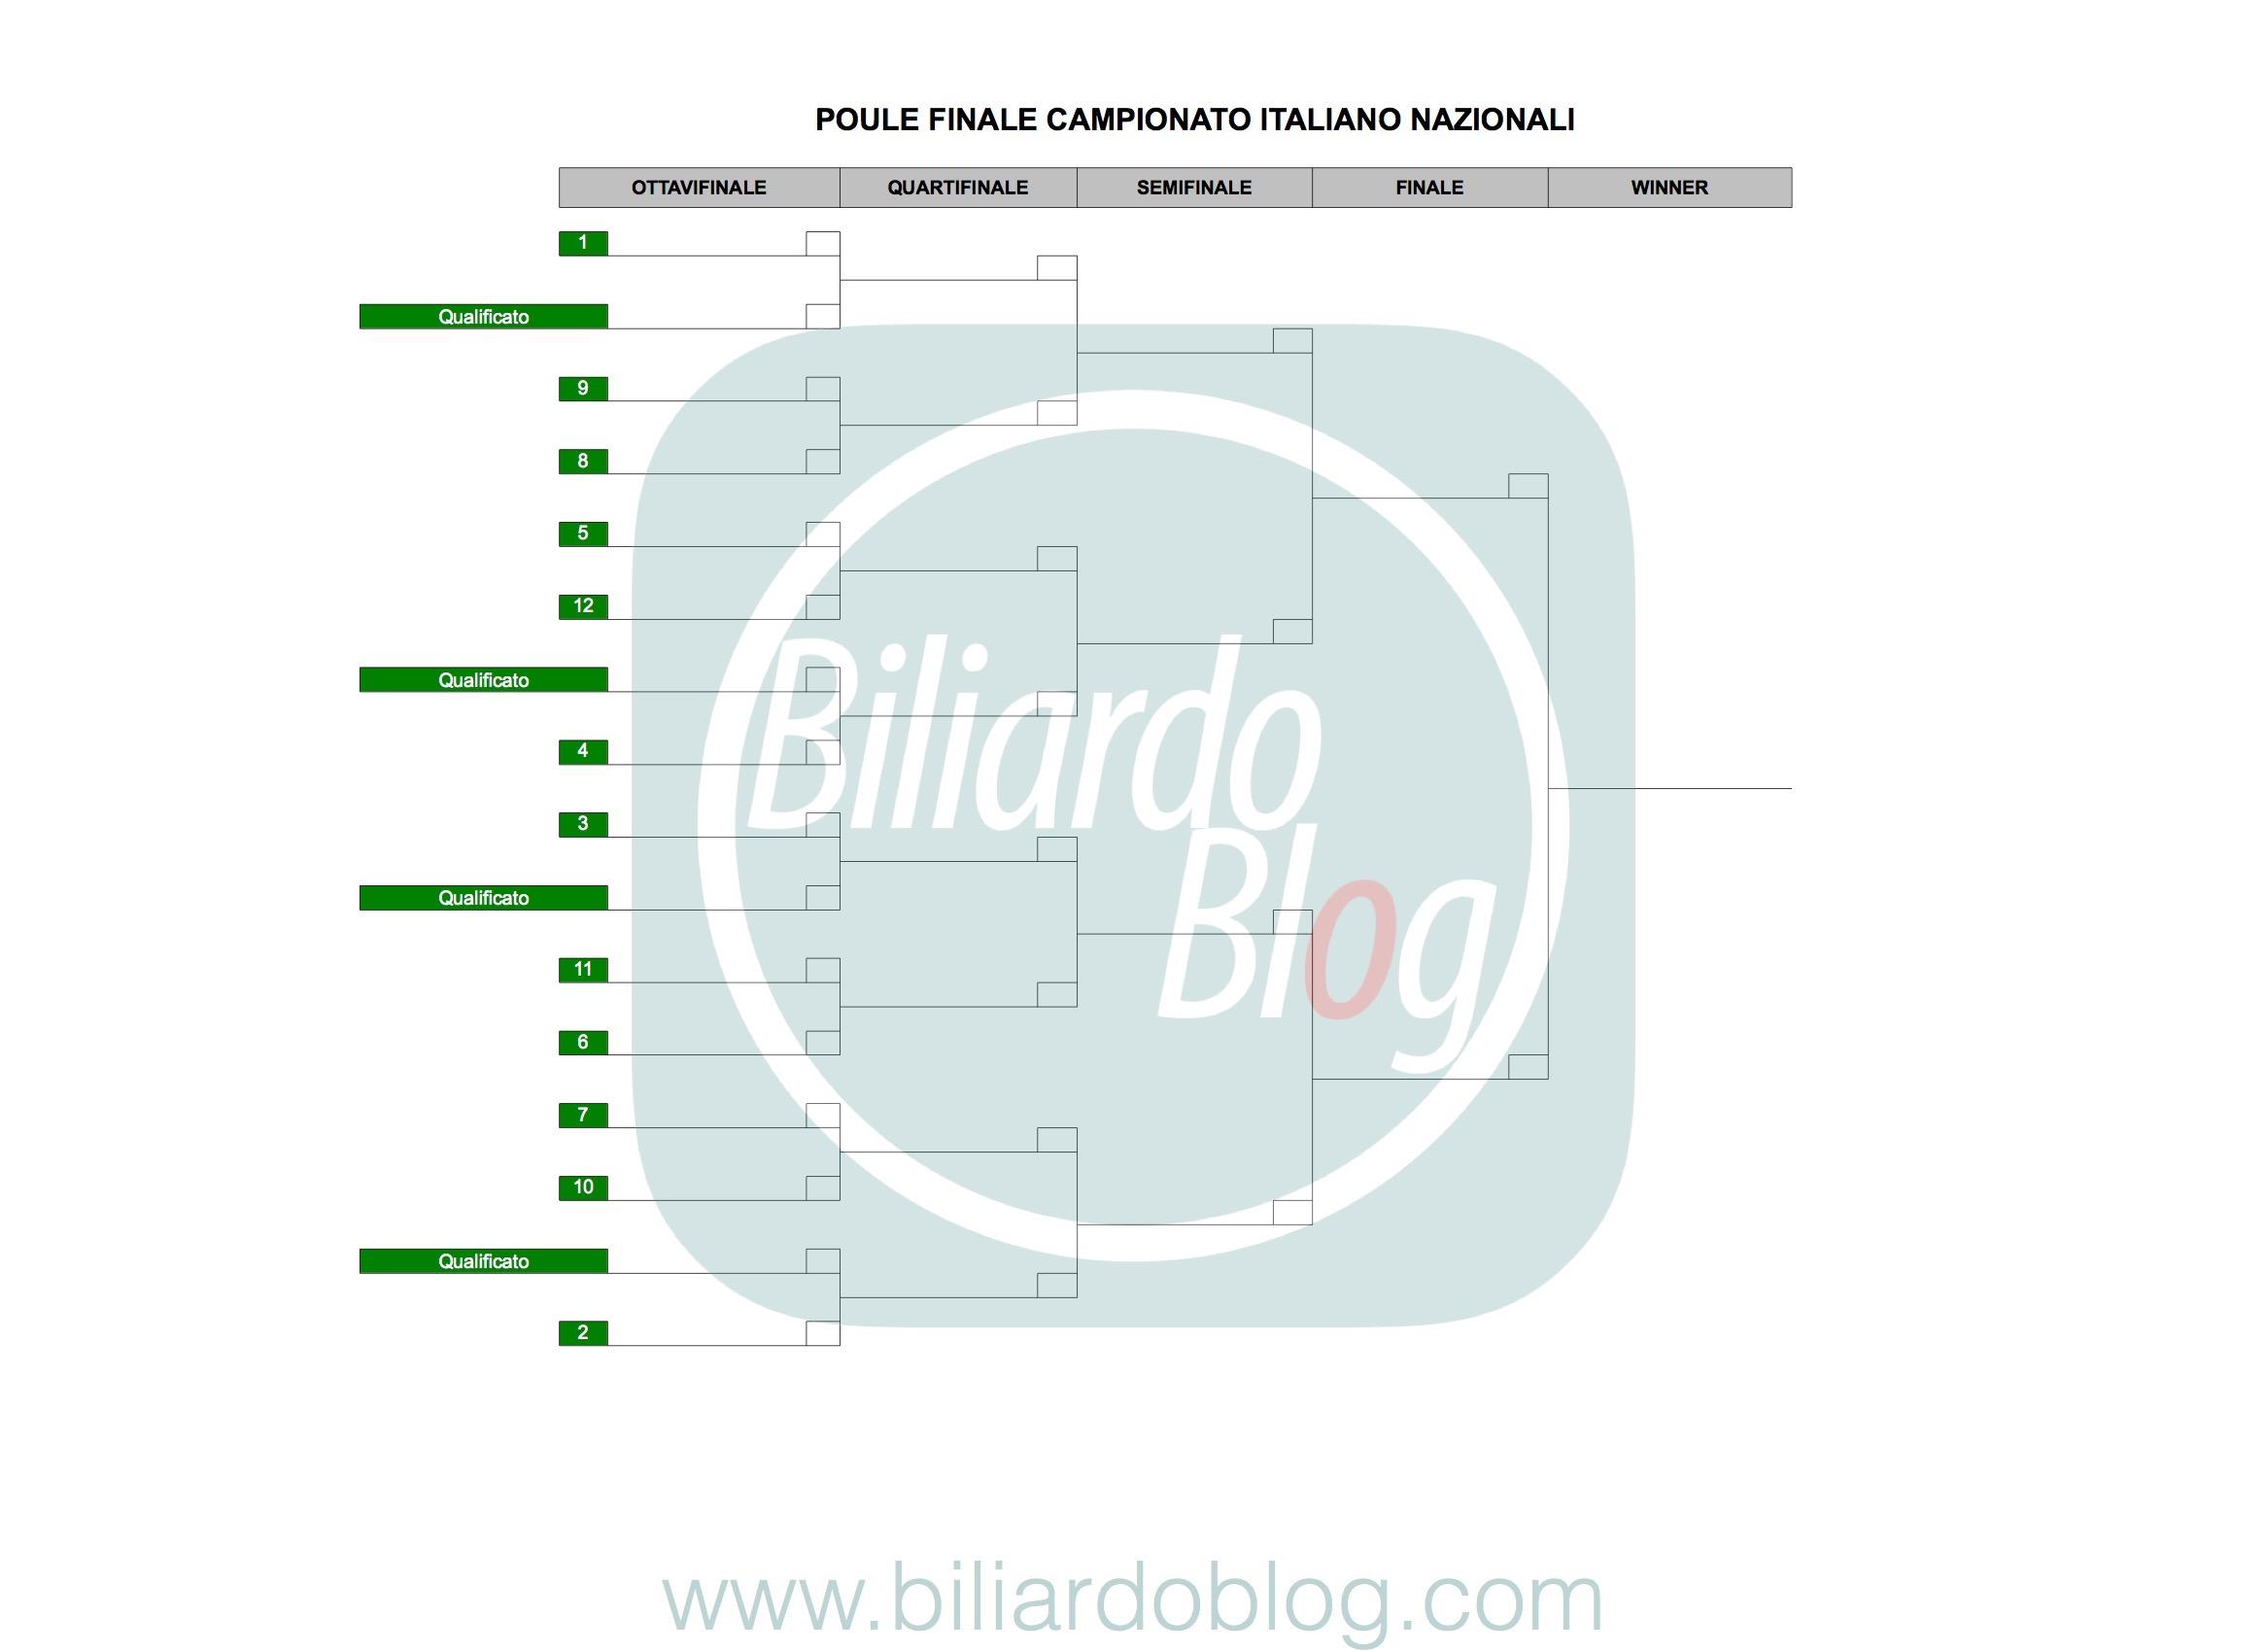 Campionato BTP di Biliardo 2017 2018: poule Finale Nazionali